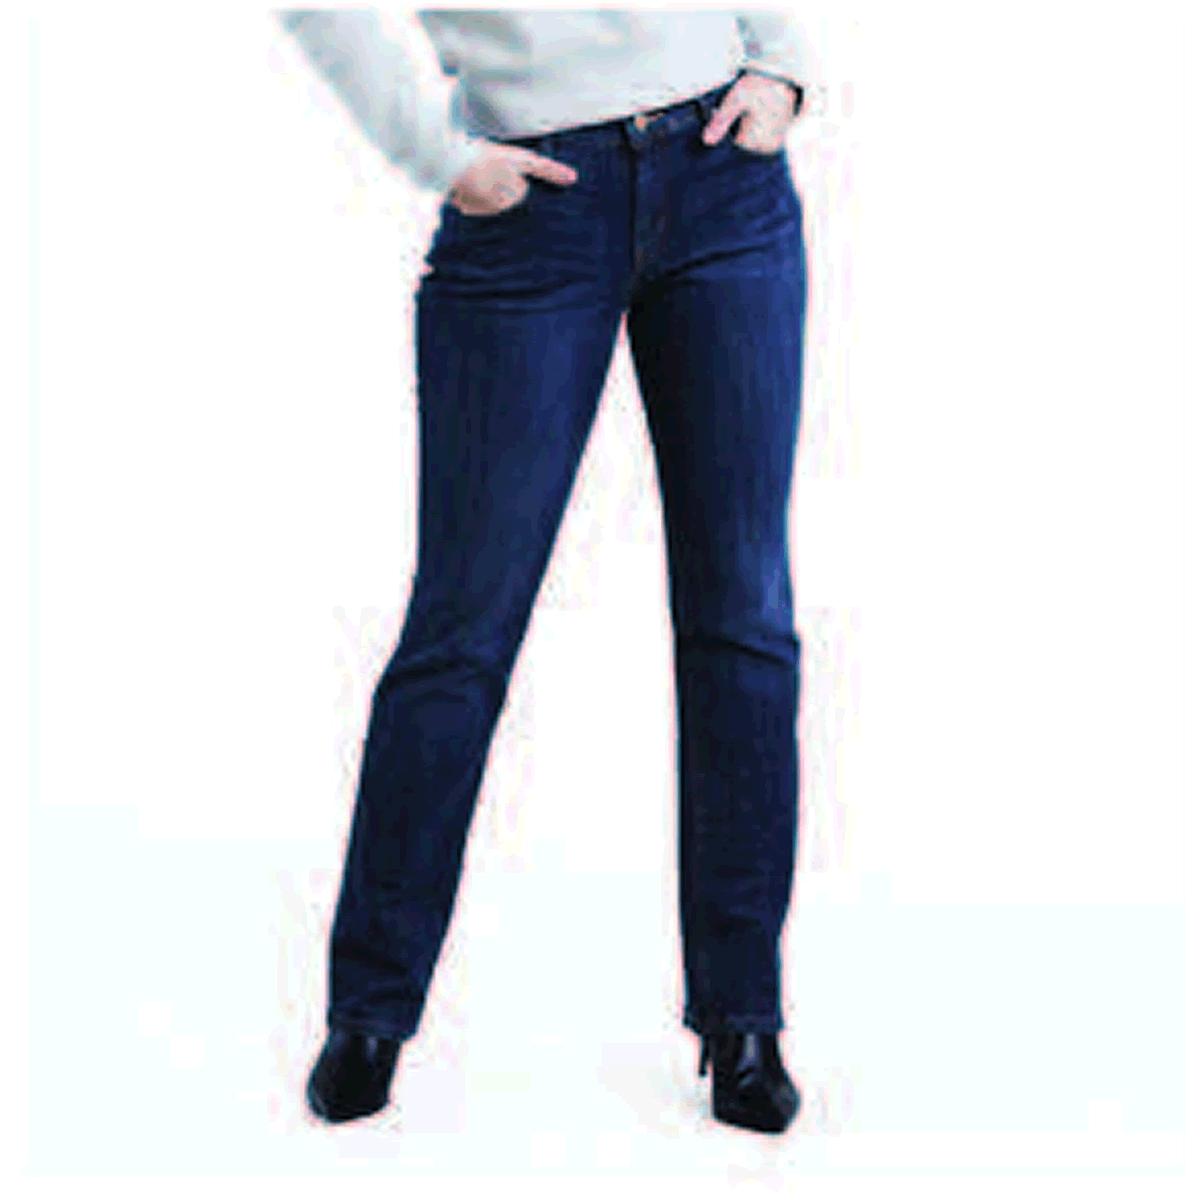 Womens Levis Jeans & Denim Apparel - Macy's - Levi Clothes